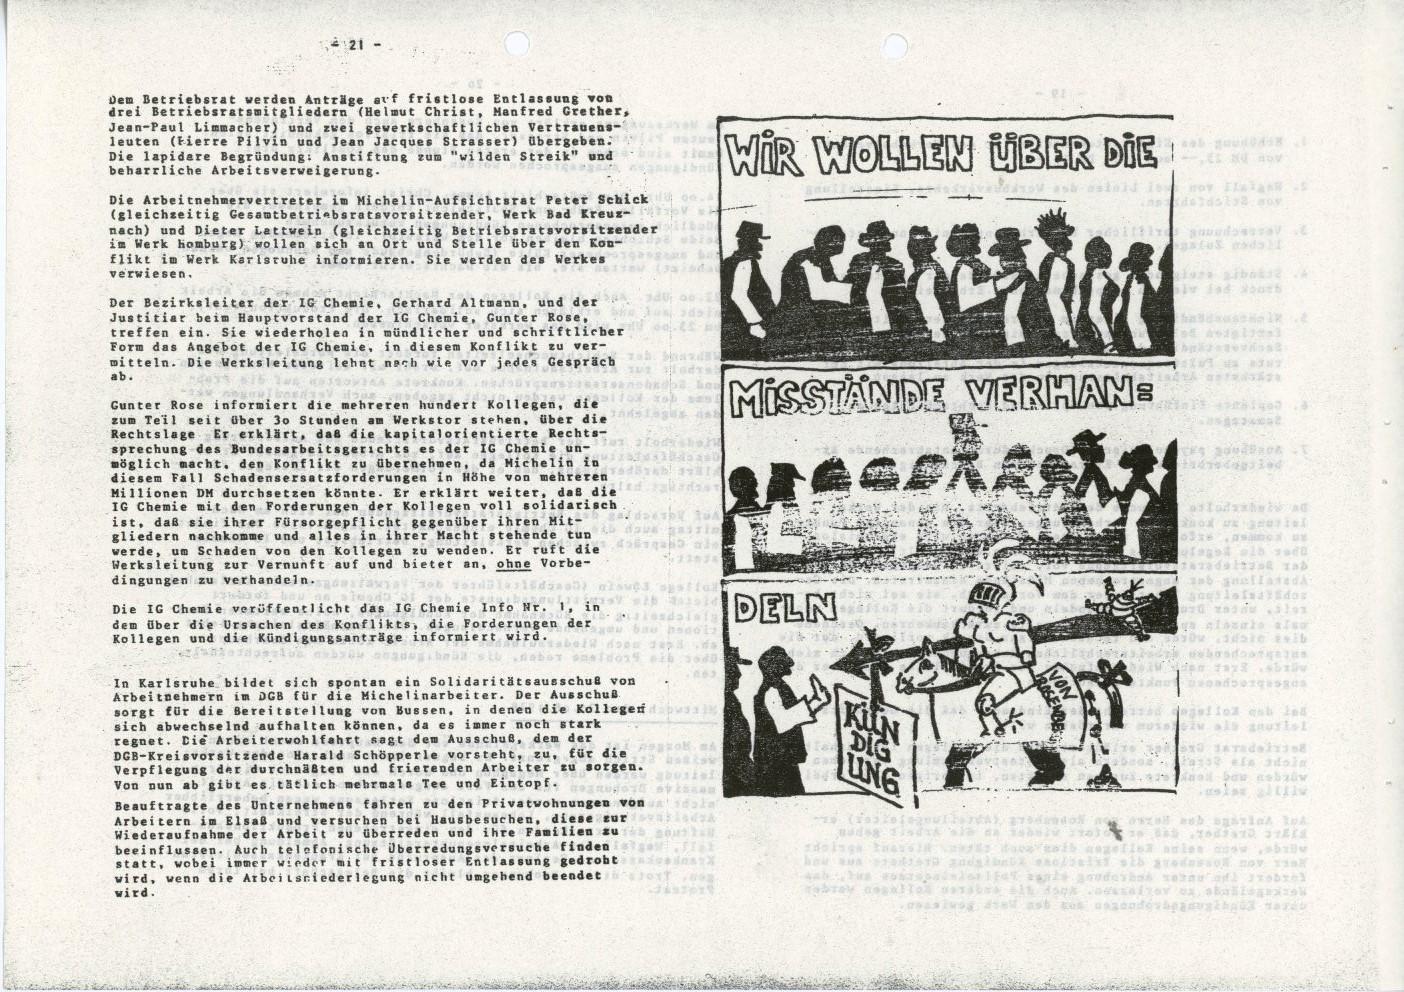 Karlsruhe_Michelin_IGCPK_Doku_zum_Arbeitskonflikt_1978_11